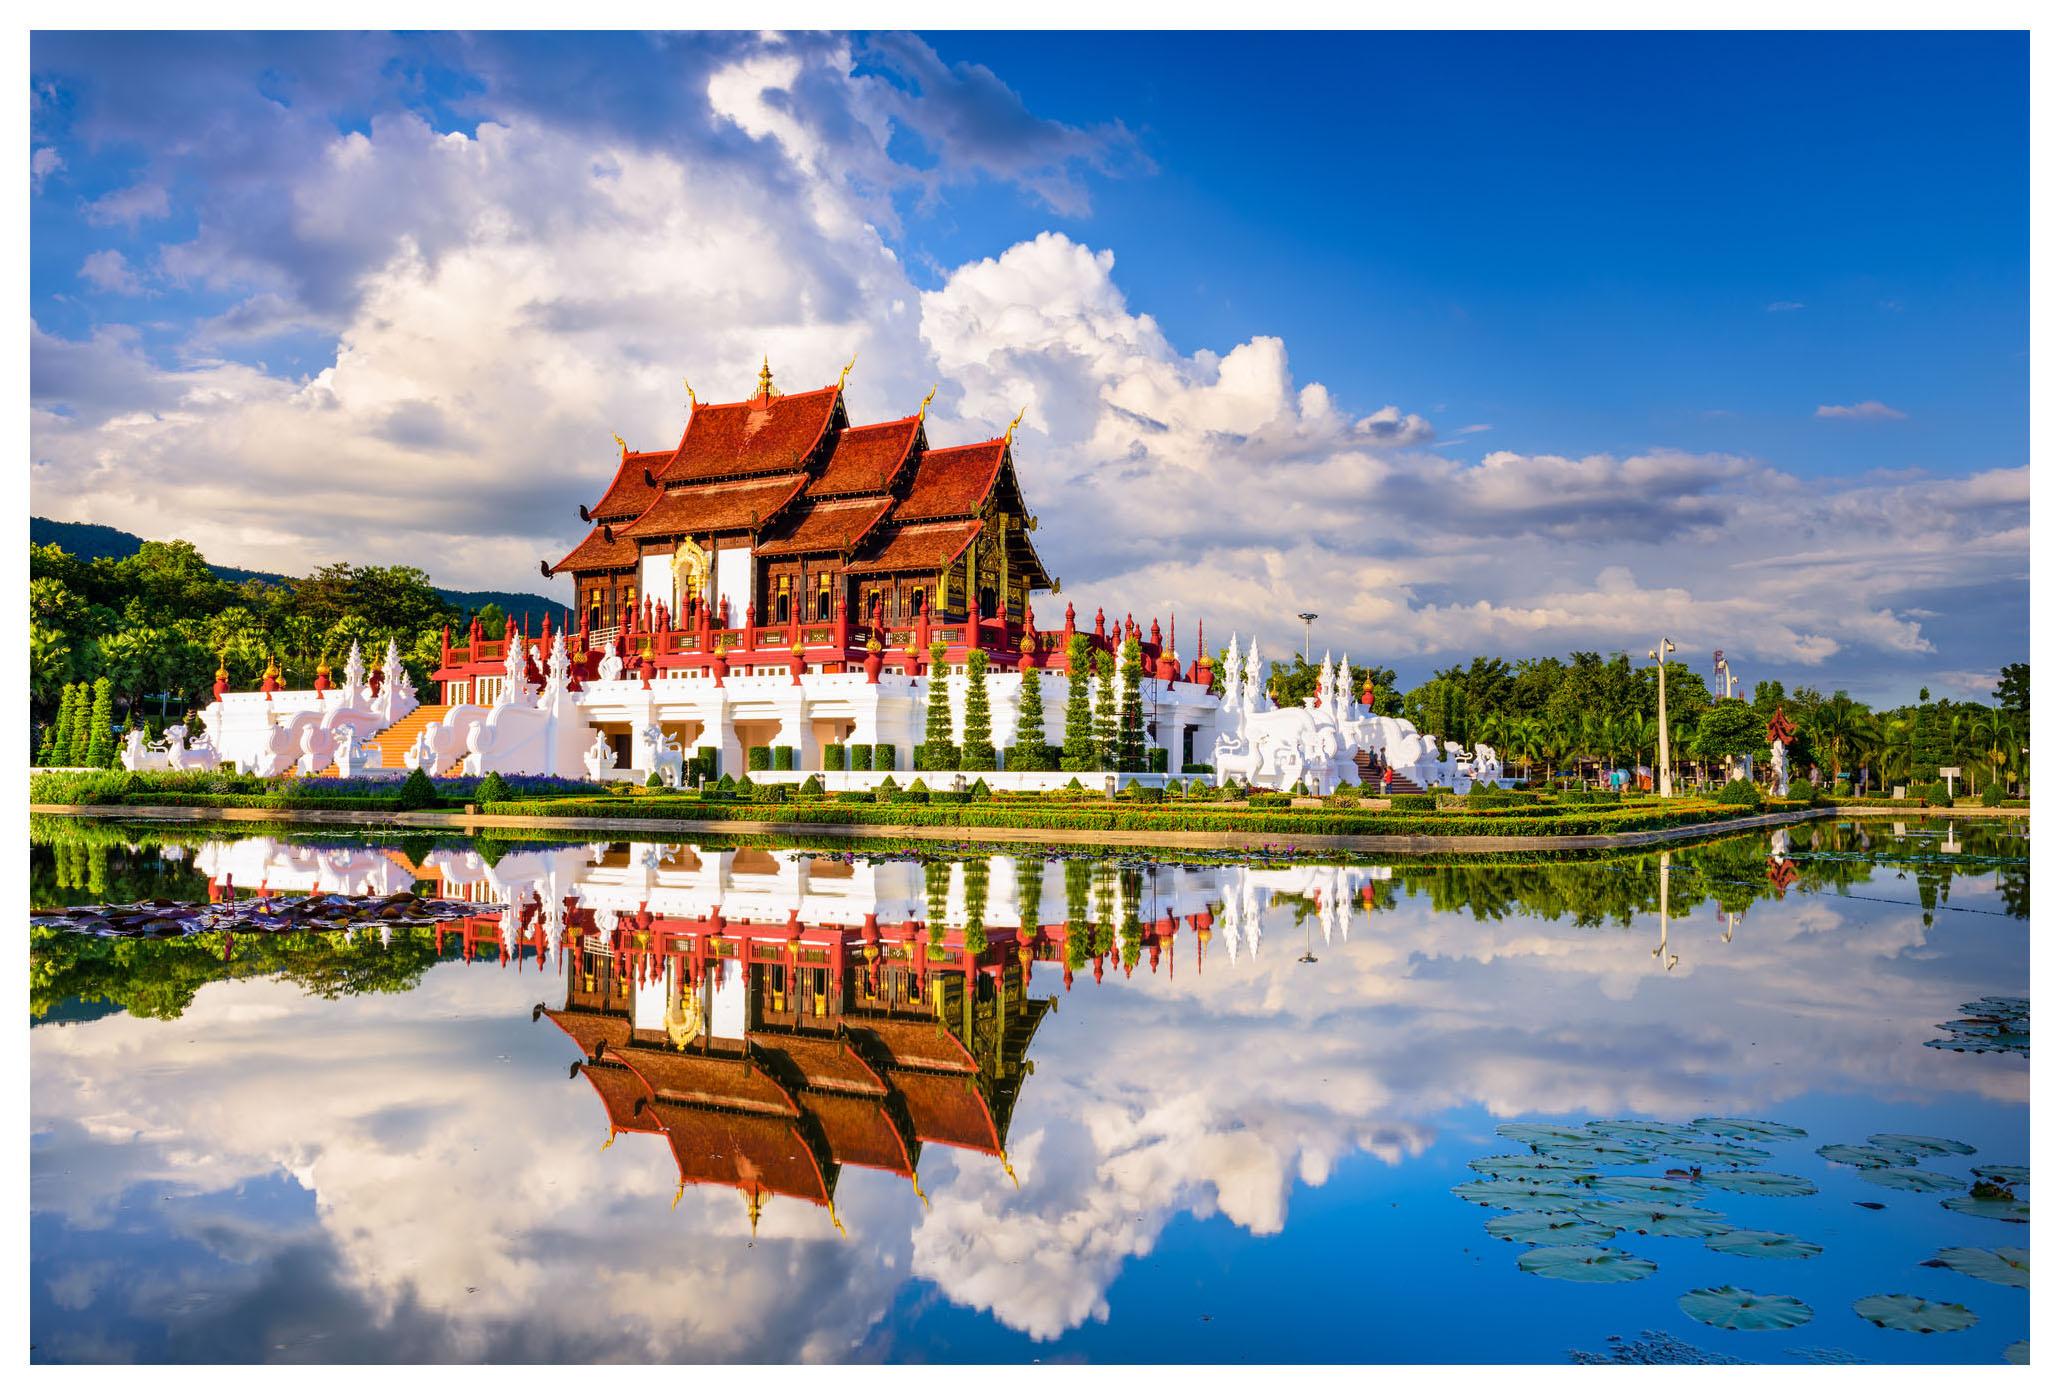 Купить Пазл Konigspuzzle Таиланд Парк в Чиангмаие ГИК1000-8242 1000 деталей, Königspuzzle, Пазлы